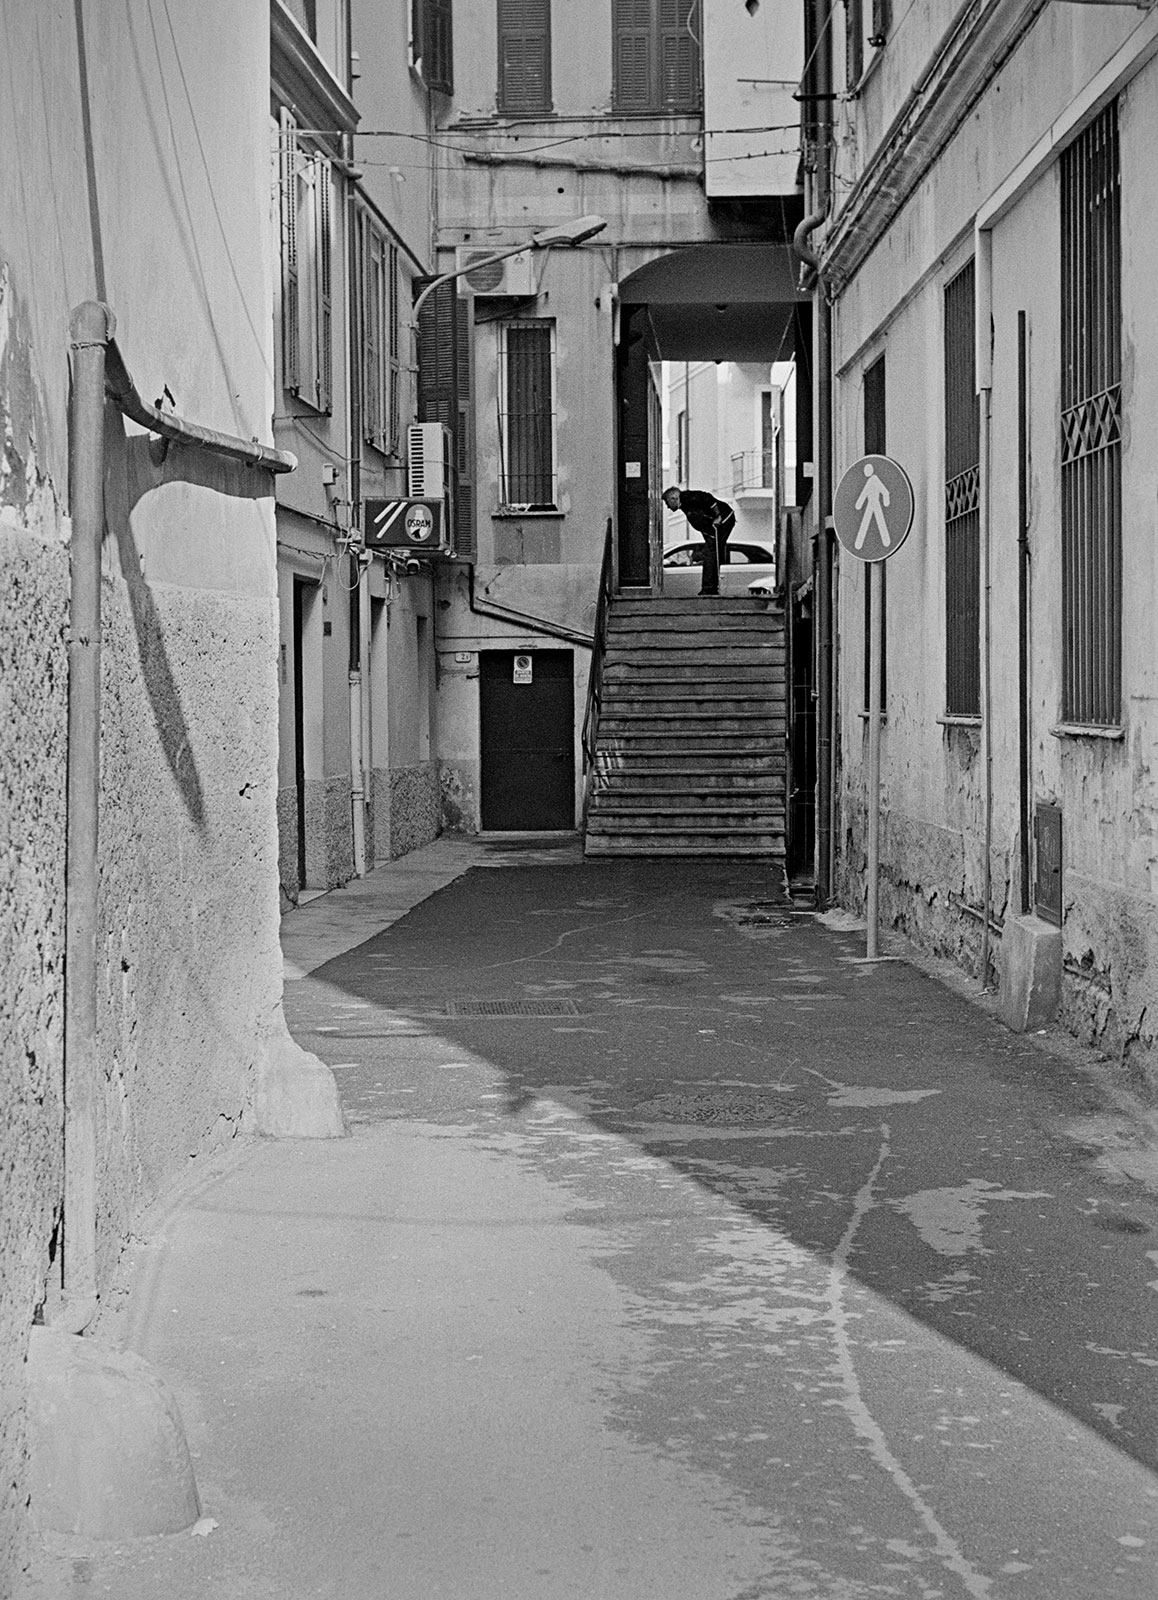 Ventimiglia, Via Aprosio